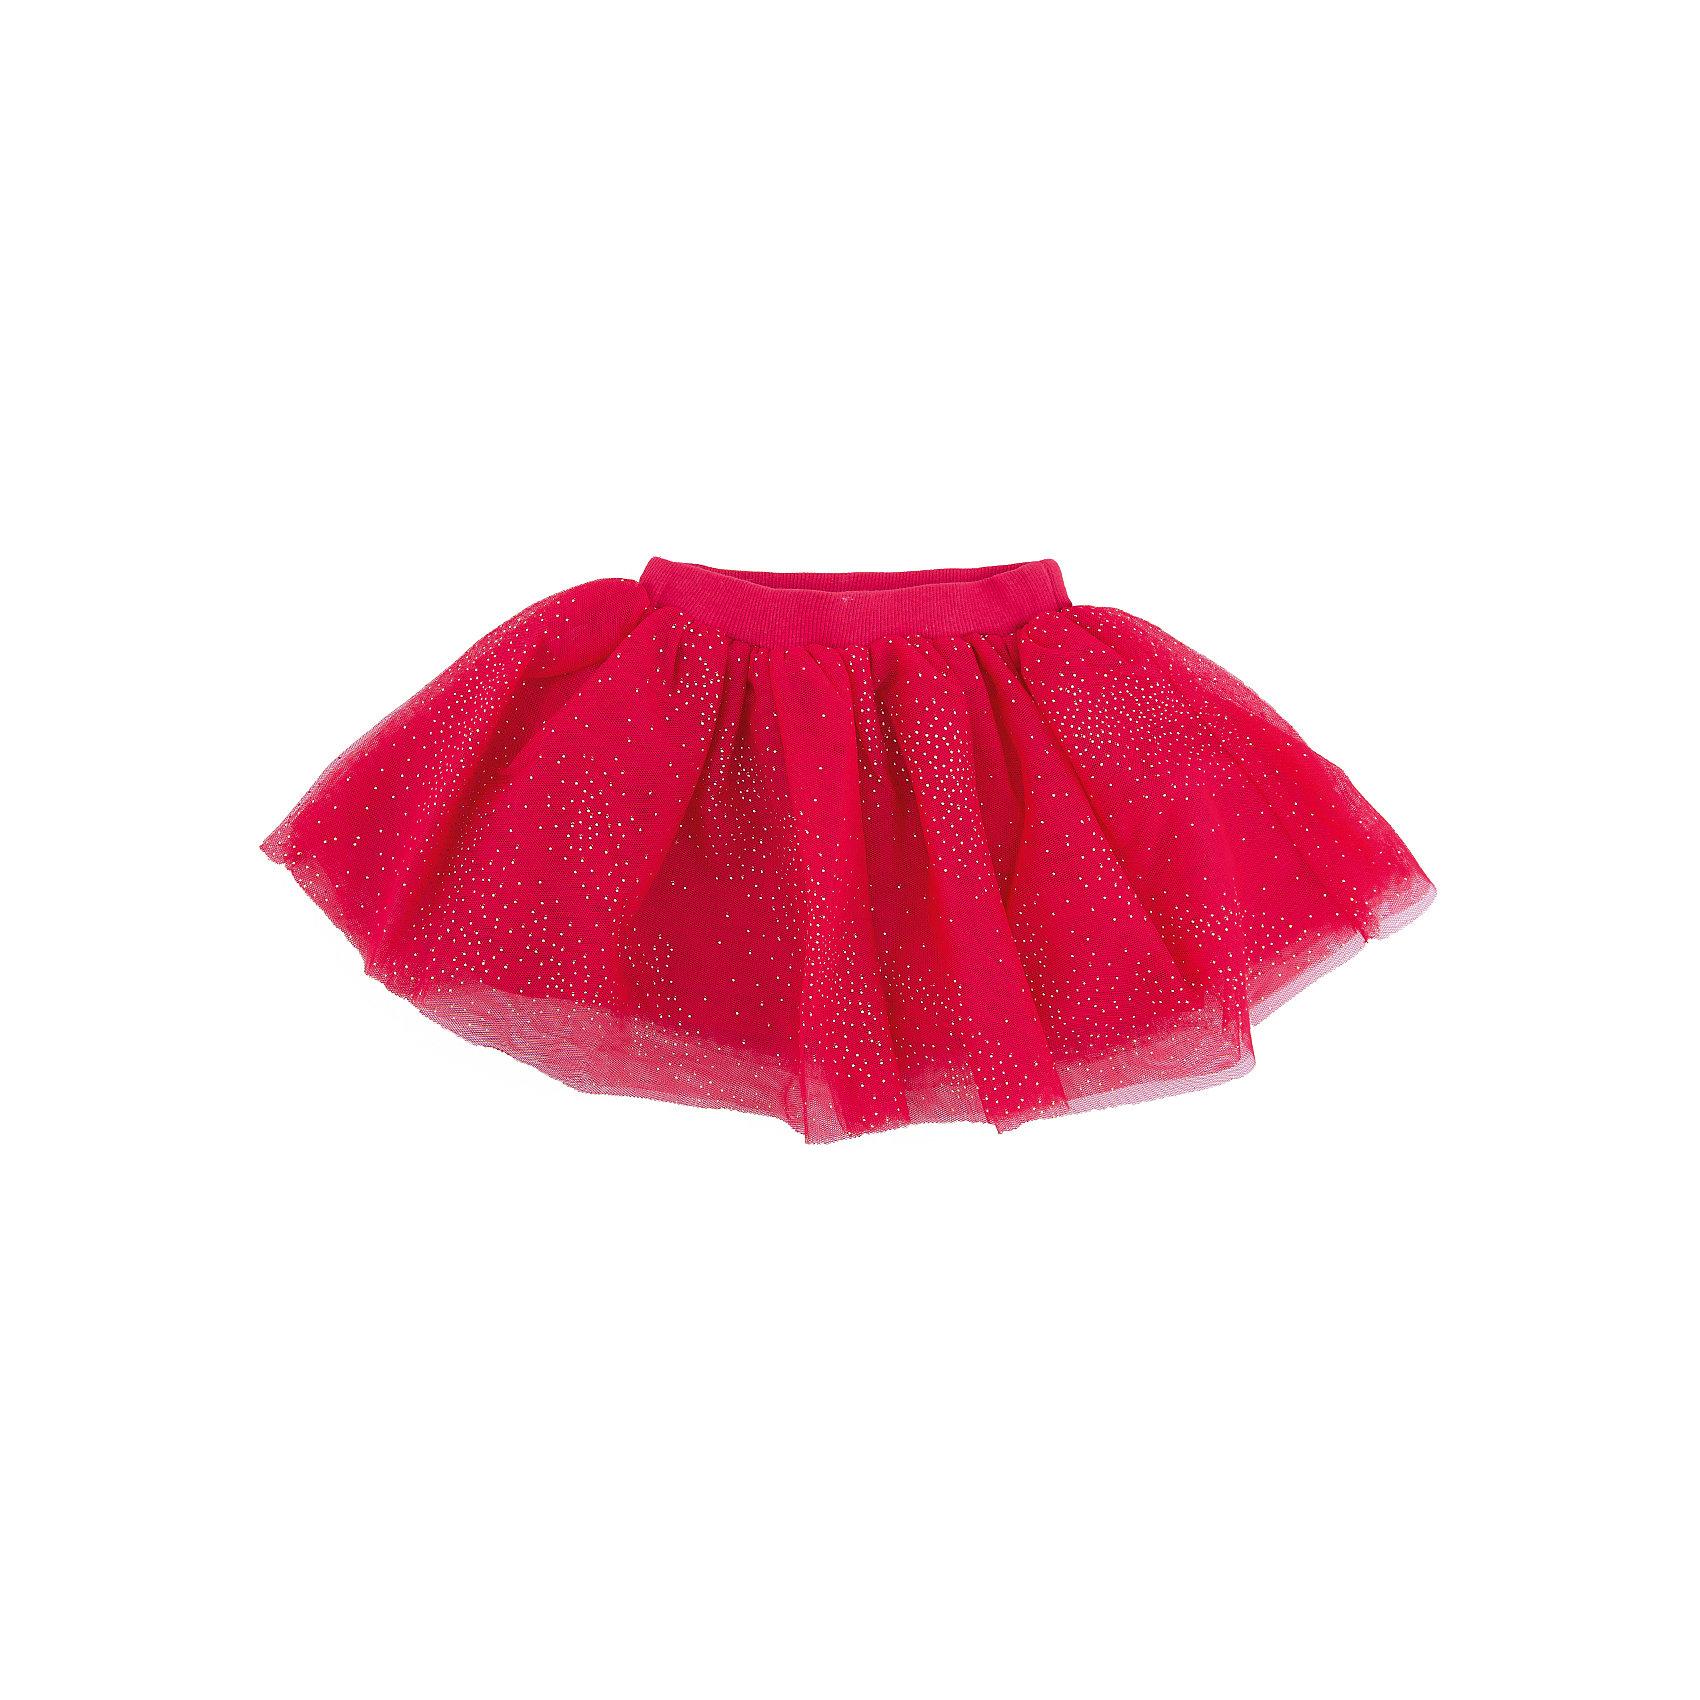 Юбка Sweet Berry для девочкиЮбки<br>Юбка Sweet Berry для девочки<br>Яркая трикотажная юбка для девочки из фатина декорированная блестками. Хлопковая подкладка, широкий эластичный пояс.<br>Состав:<br>Основная ткань: 100% полиэстер Подкладка: 95% хлопок, 5% эластан<br><br>Ширина мм: 207<br>Глубина мм: 10<br>Высота мм: 189<br>Вес г: 183<br>Цвет: красный<br>Возраст от месяцев: 24<br>Возраст до месяцев: 36<br>Пол: Женский<br>Возраст: Детский<br>Размер: 98,80,86,92<br>SKU: 7094343